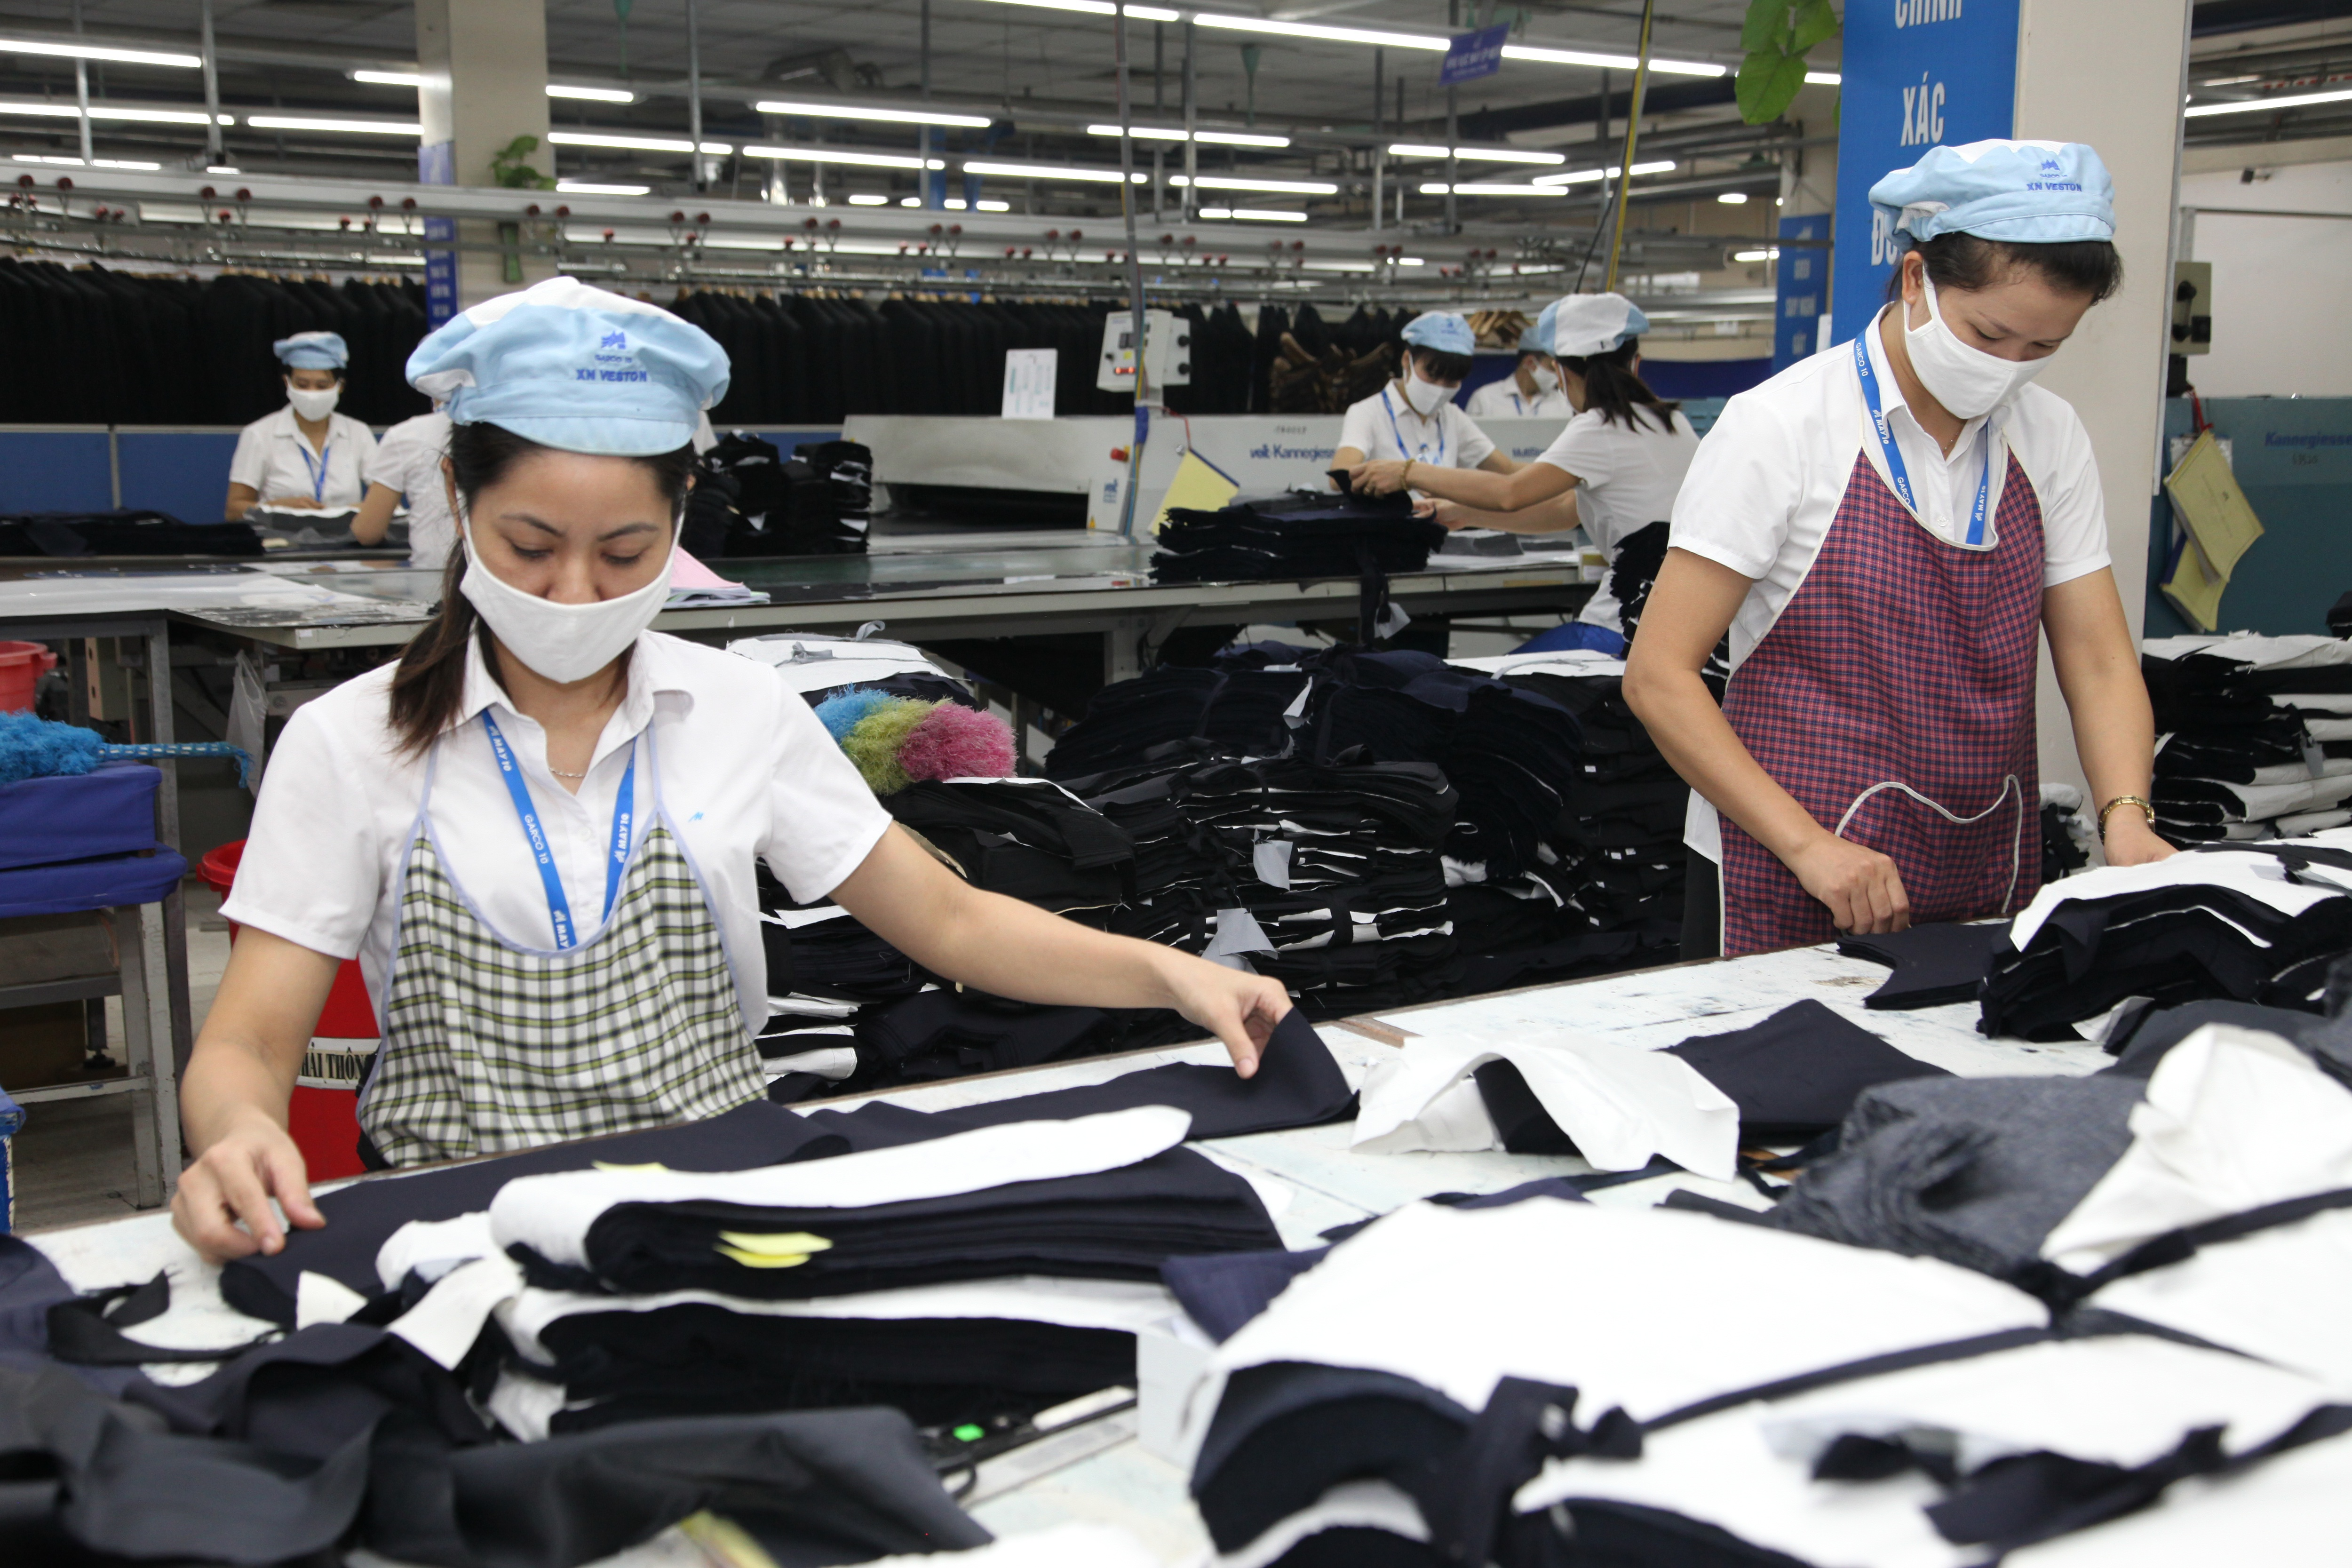 Hôm nay (1/1): Áp dụng các chính sách mới tới hàng chục triệu lao động - 1